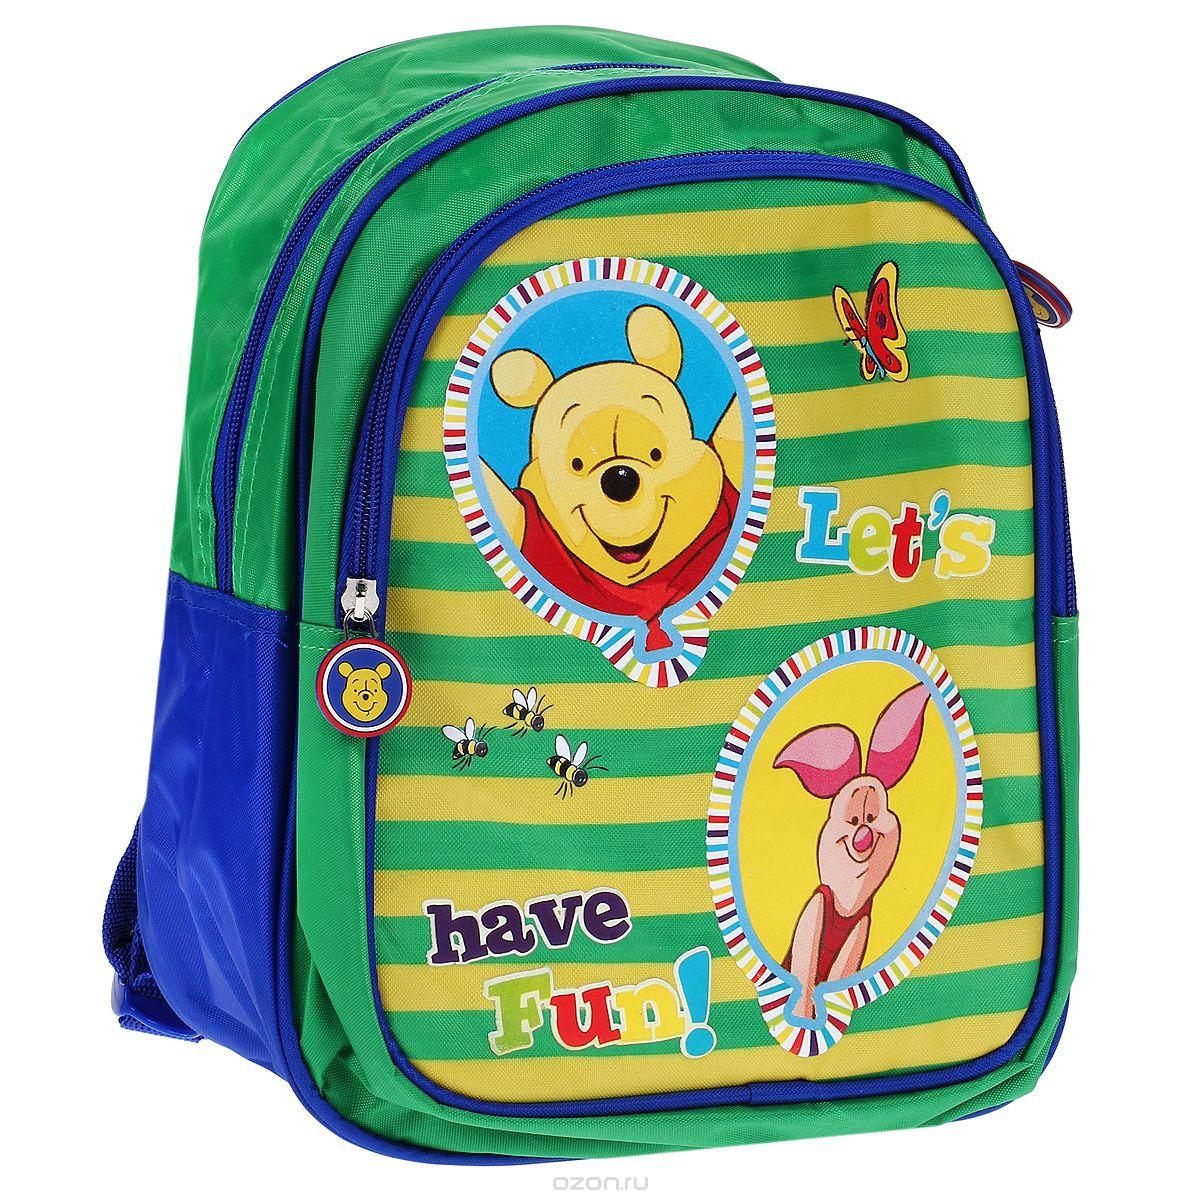 Рюкзак детский Disney Винни Привет, Винни!, цвет: синий, зеленый, желтый. 2341711109/A/TGРюкзачок Привет, Винни! ТМ Disney прекрасно подойдет как девочкам, так и мальчикам. В два его внутренних отделения на молнии можно положить игрушки, тетрадки, наборы карандашей и фломастеров или бутылочку для воды. Широкие ремни с мягкой прокладкой равномерно распределяют нагрузку на плечевой пояс и оберегают от натирания.Благодаря регулируемым лямкам, рюкзак подойдет детям любого роста. Специальная ручка удобна для ношения в руке или размещения на вешалке. Изделие изготовлено из износостойкой ткани, что позволит ему верно служить долгое время. Аксессуар декорирован ярким принтом и подвеской на застежке с изображением Винни.